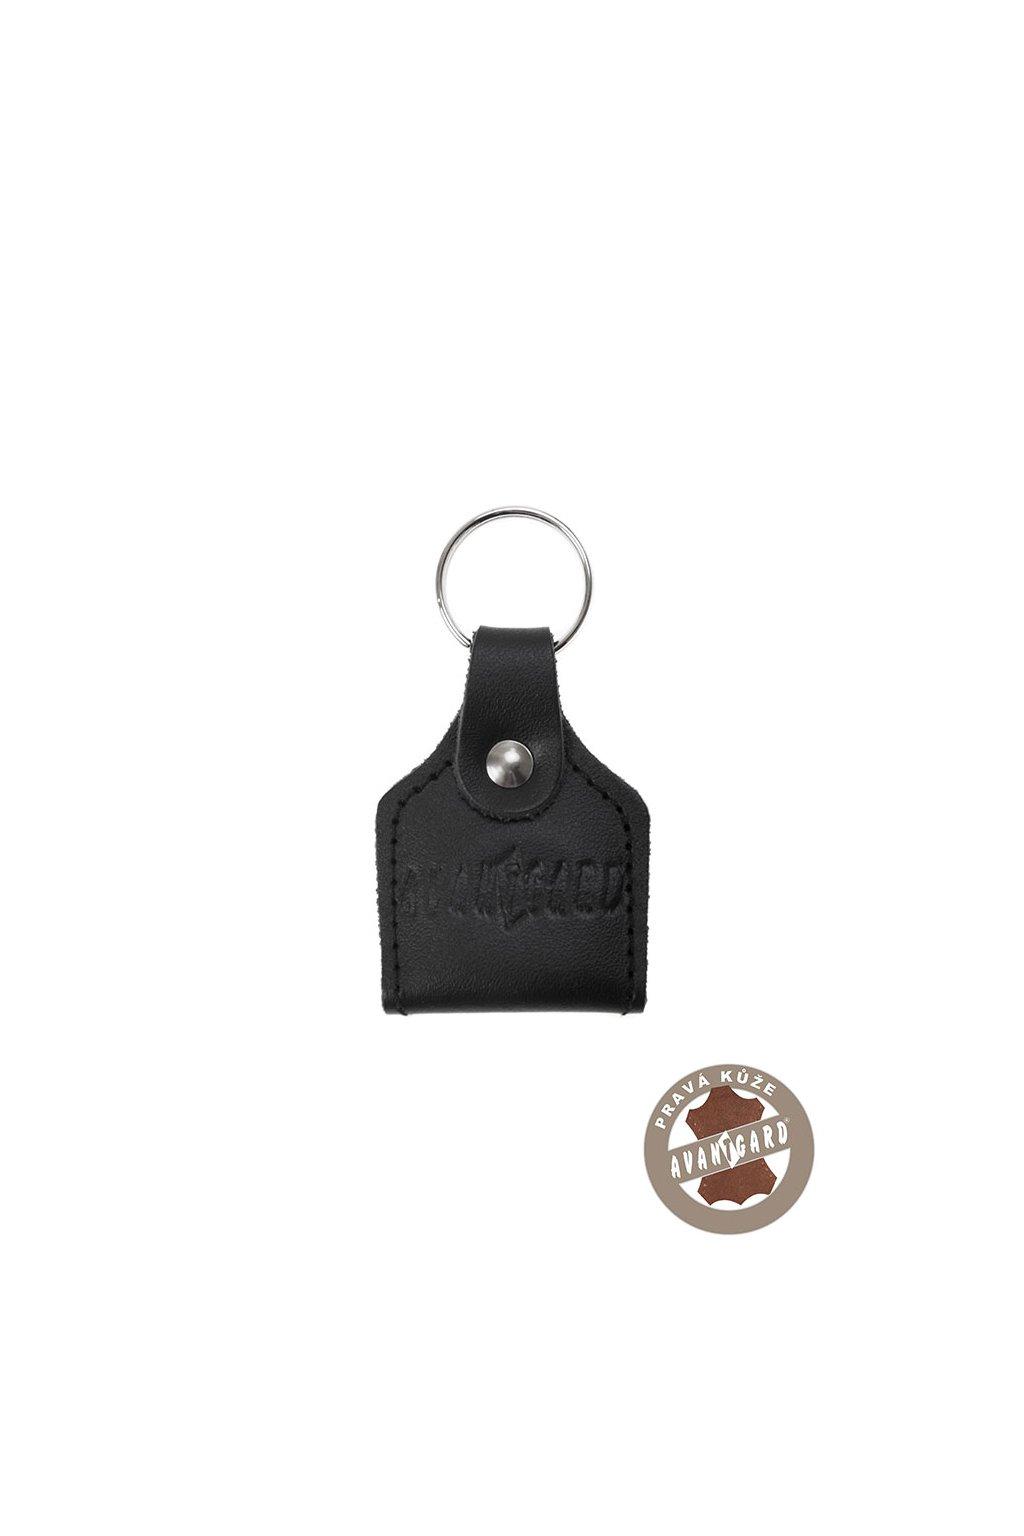 Klíčenka z pravé kůže s žetonem černá 801 - 23